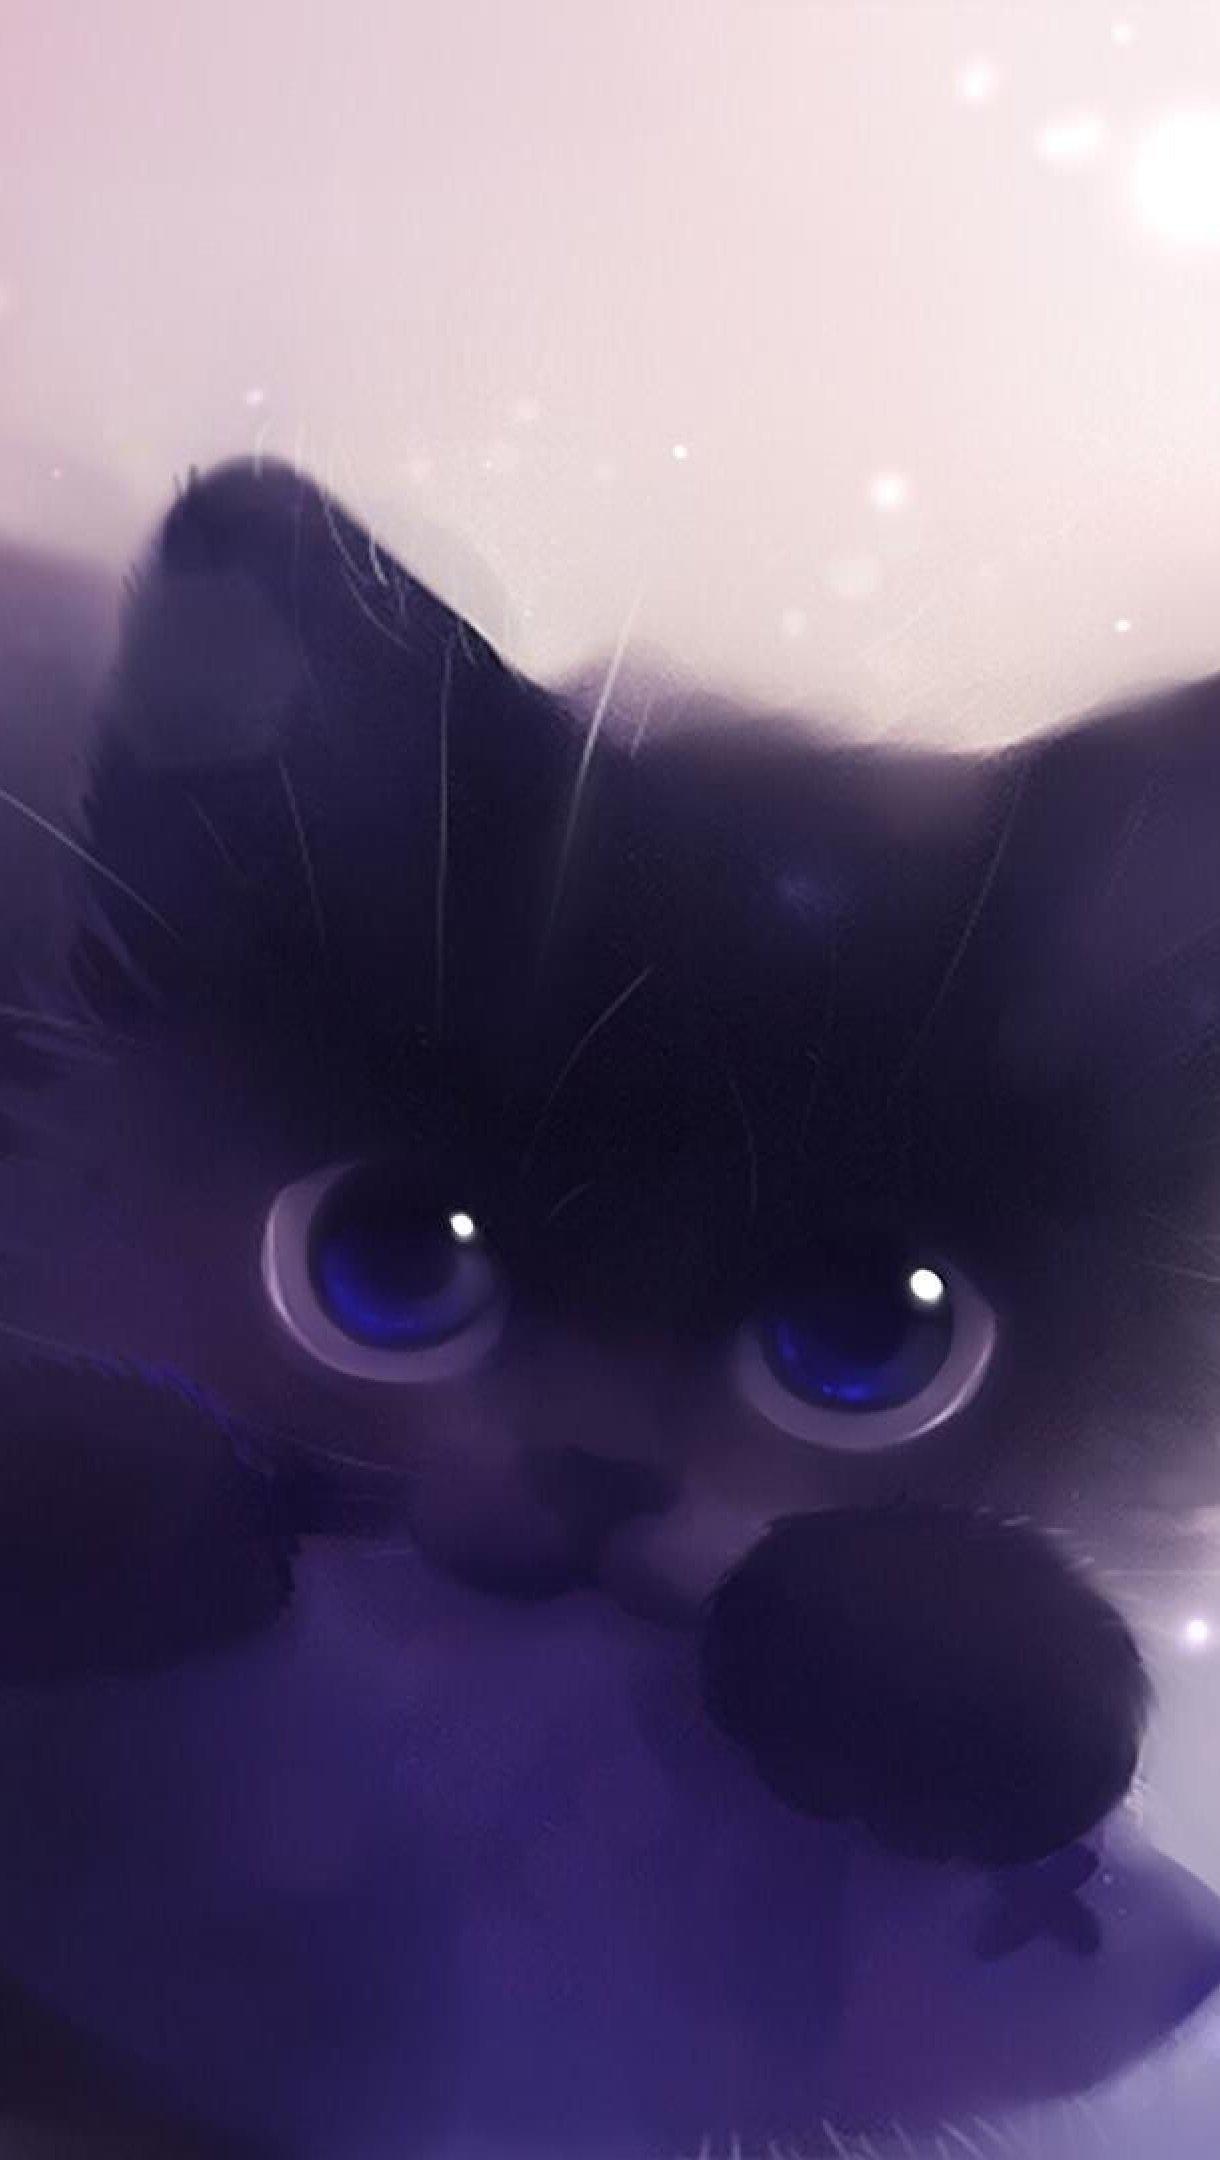 Wallpaper Cat Art Vertical